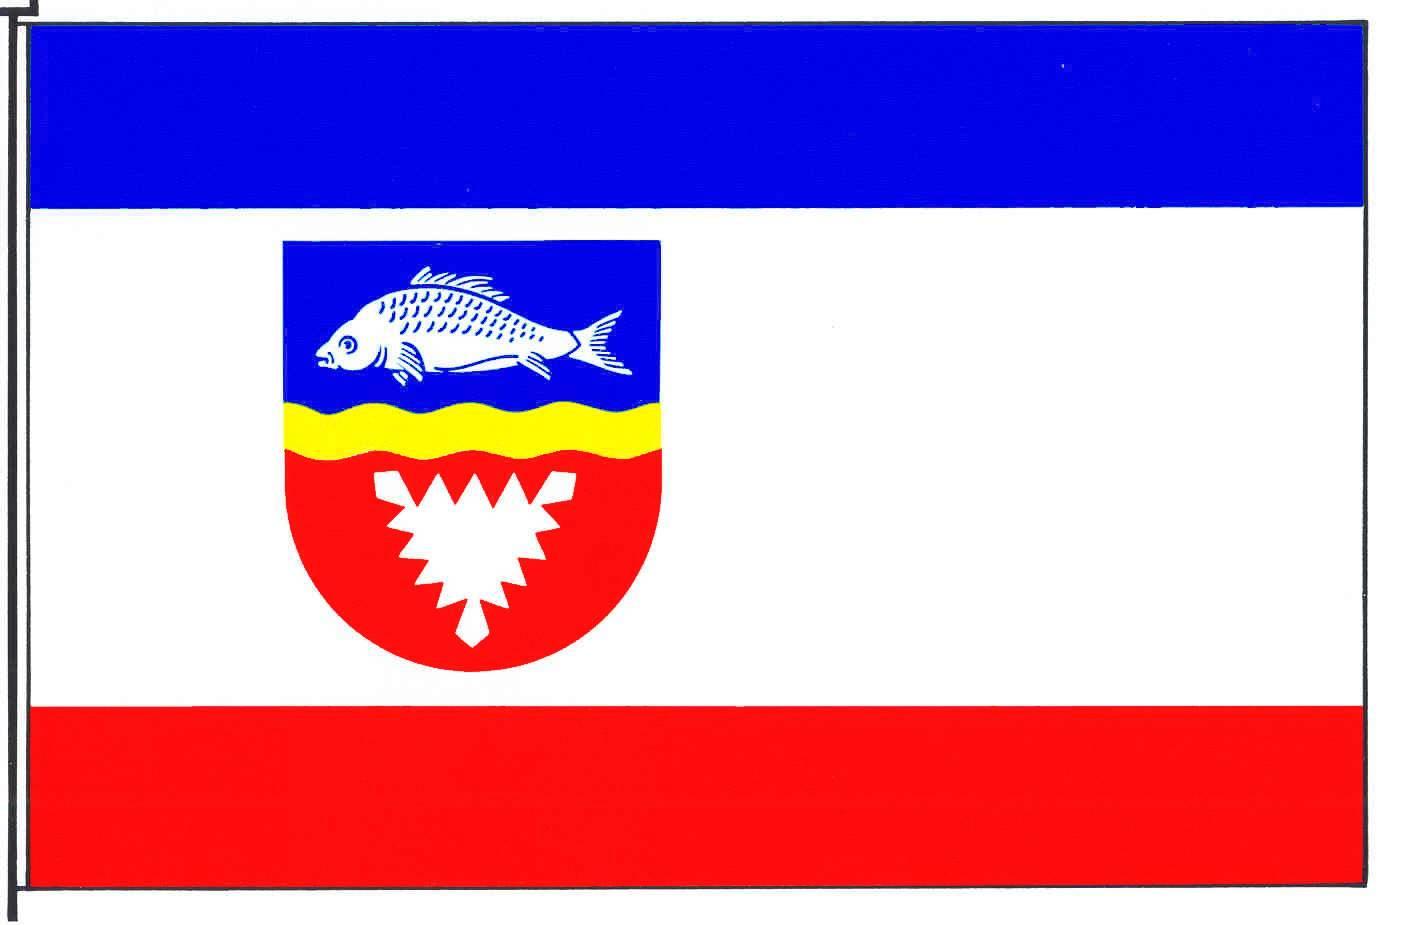 Flagge StadtPreetz, Kreis Plön